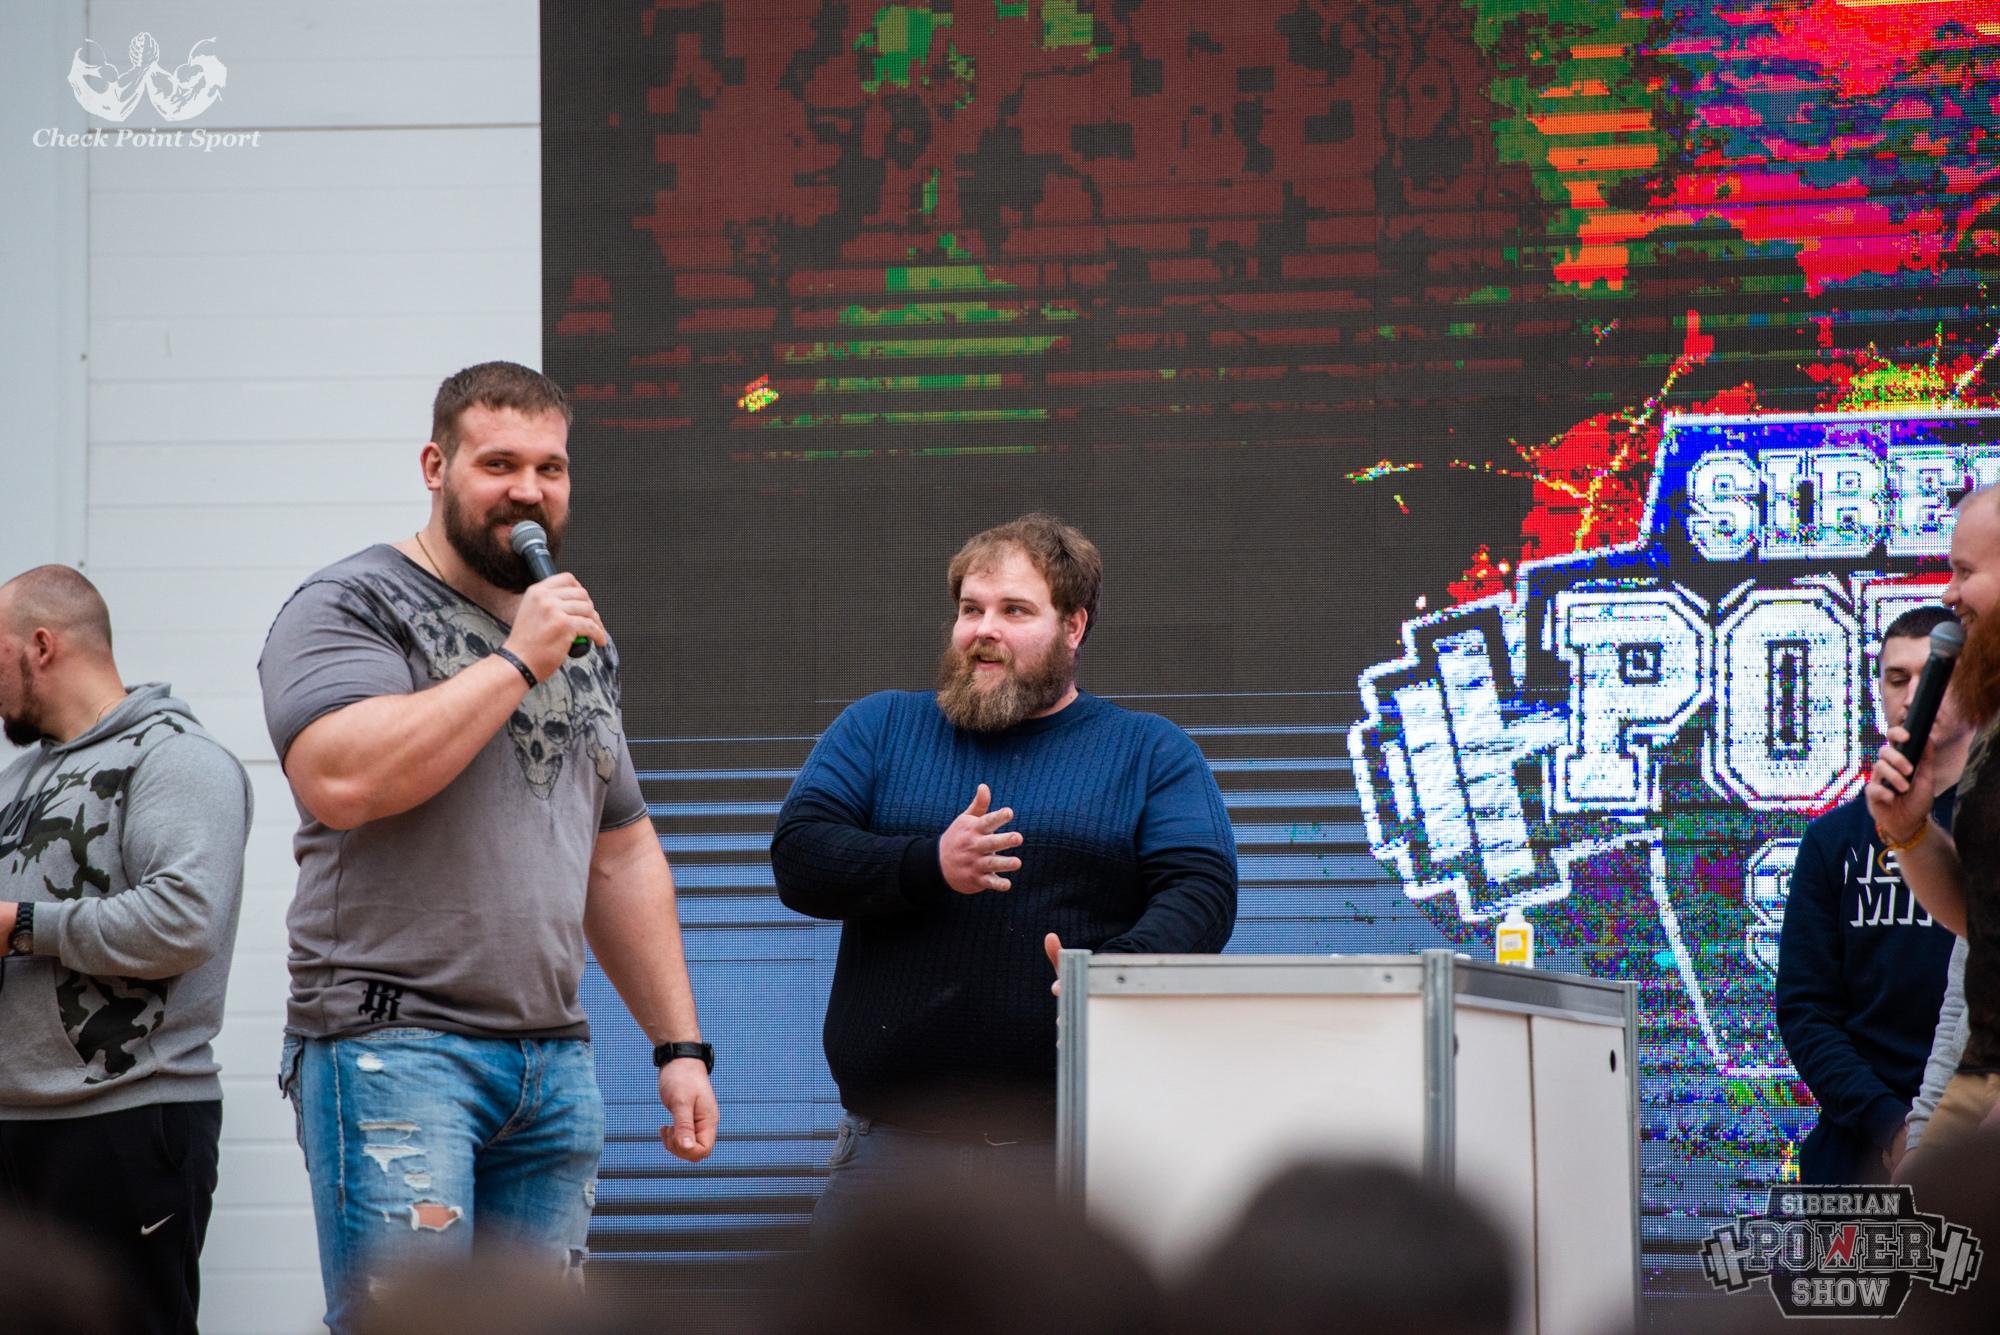 Василий получил приз в 15 тысяч рублей и футболку от сильнейшего человека планеты Кирилла Сарычева